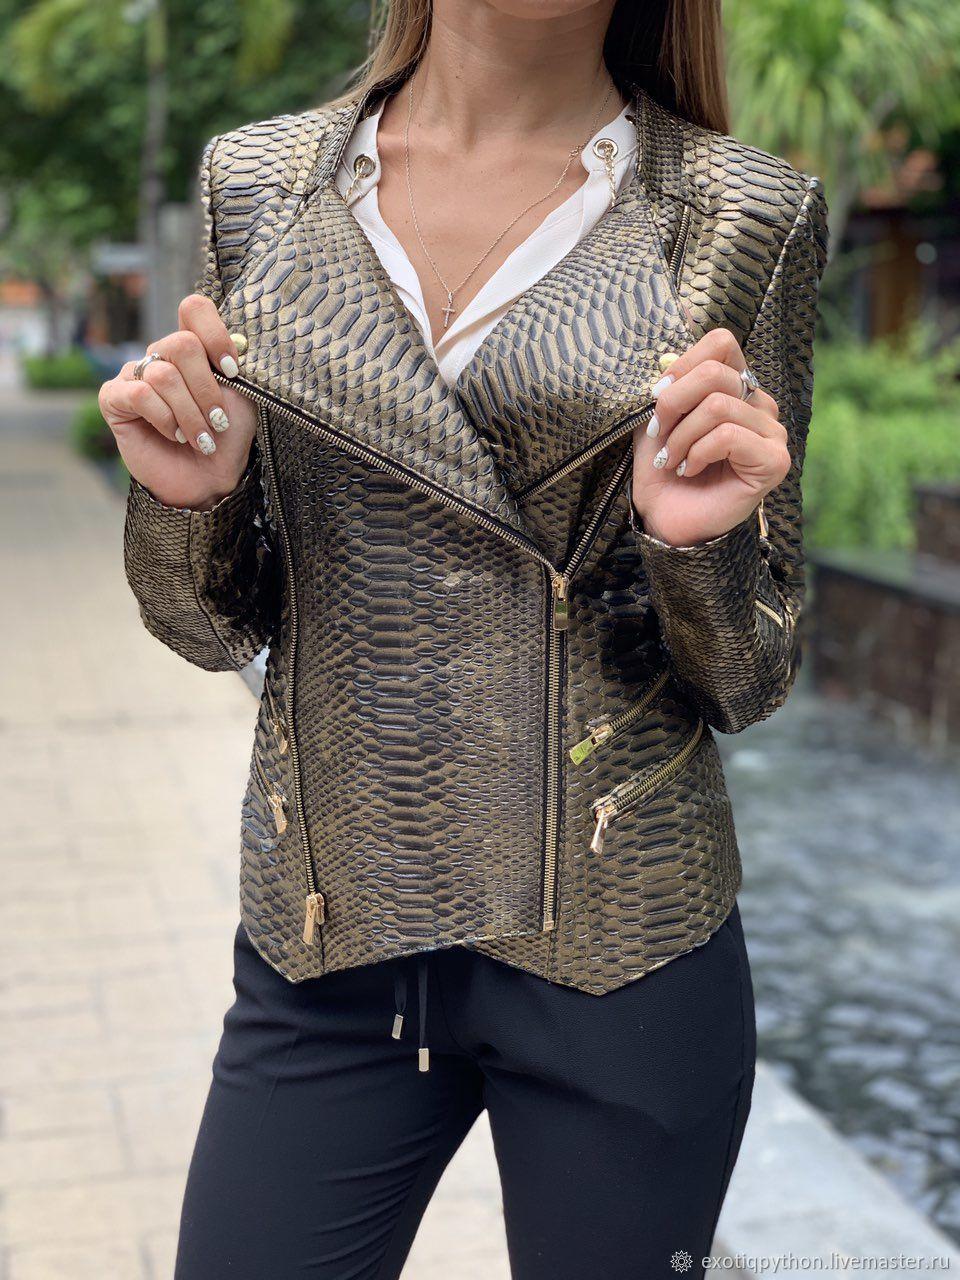 куртка из кожи питона женская фото радость жизни